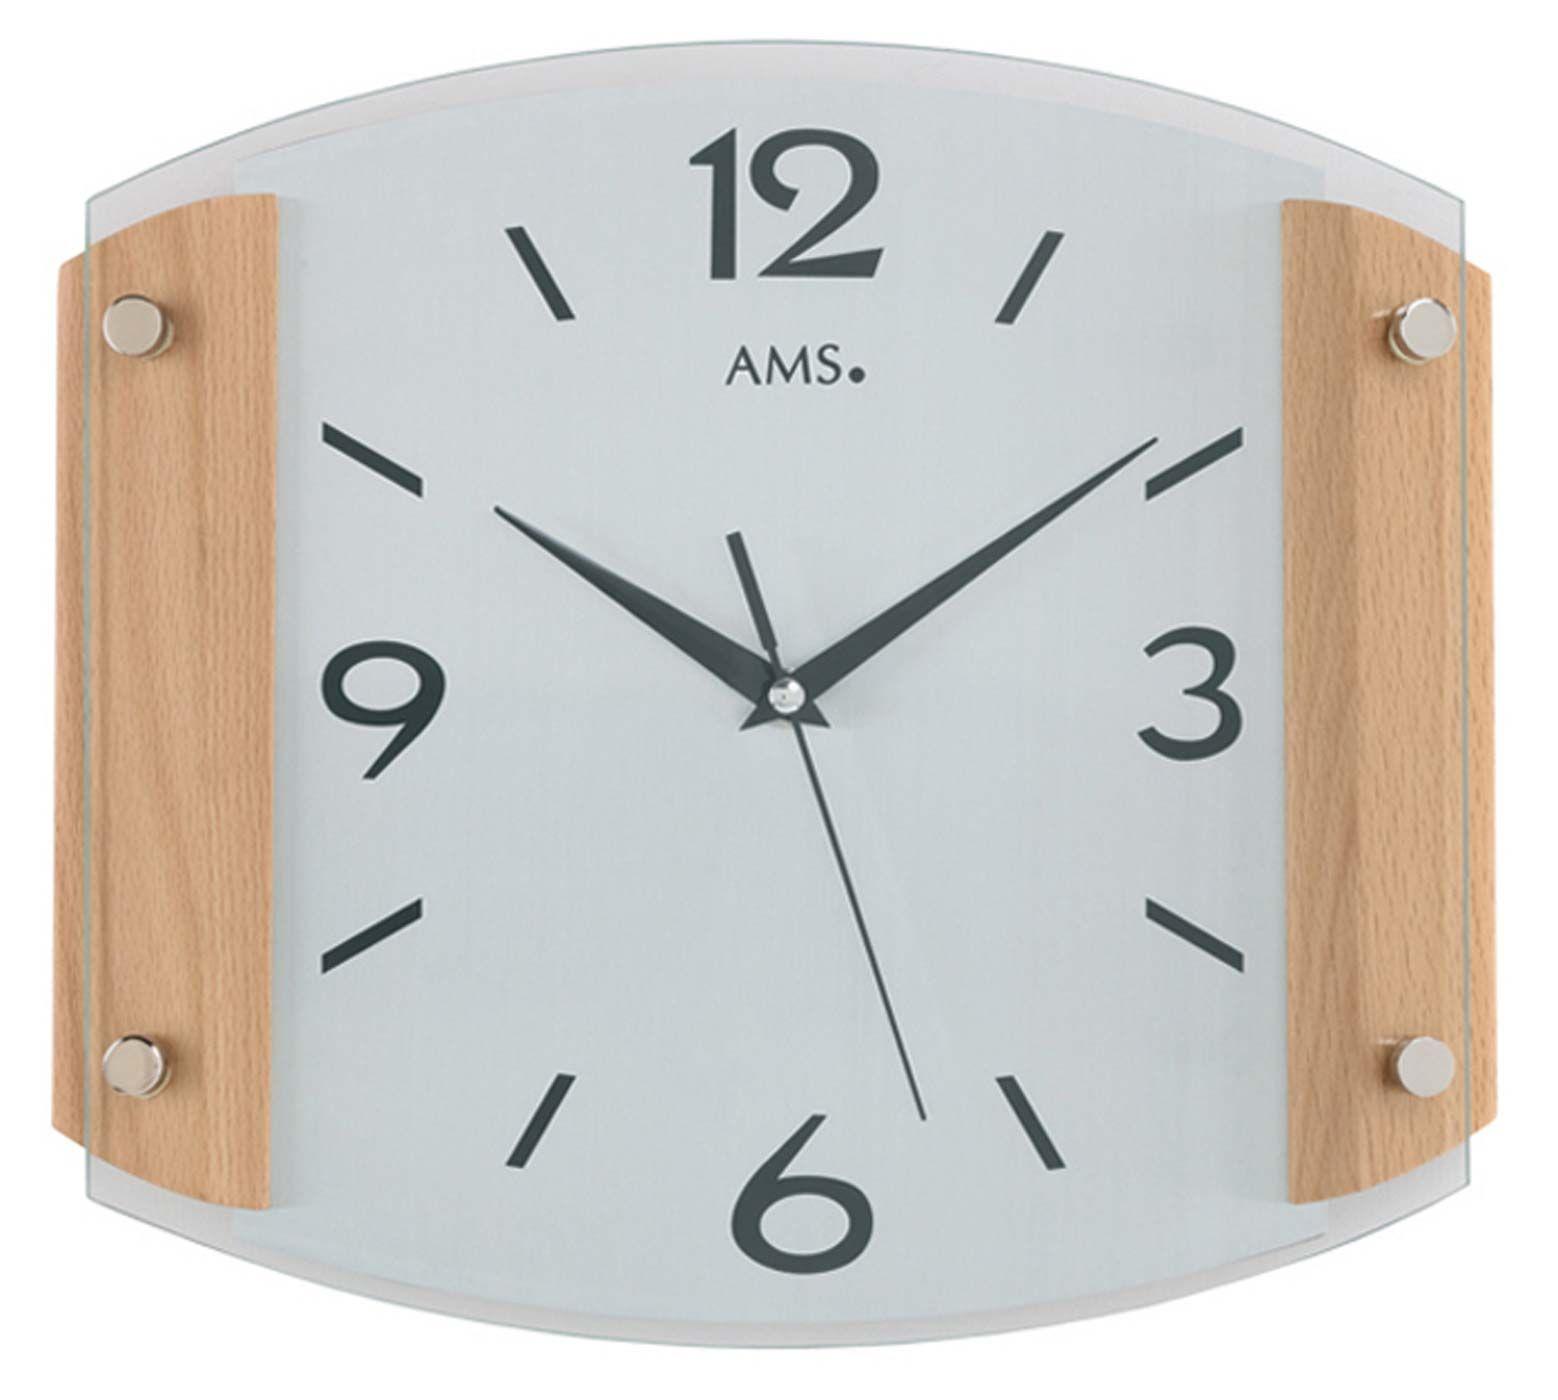 Nástěnné hodiny ams 5938/18 buk rádiem řízený čas